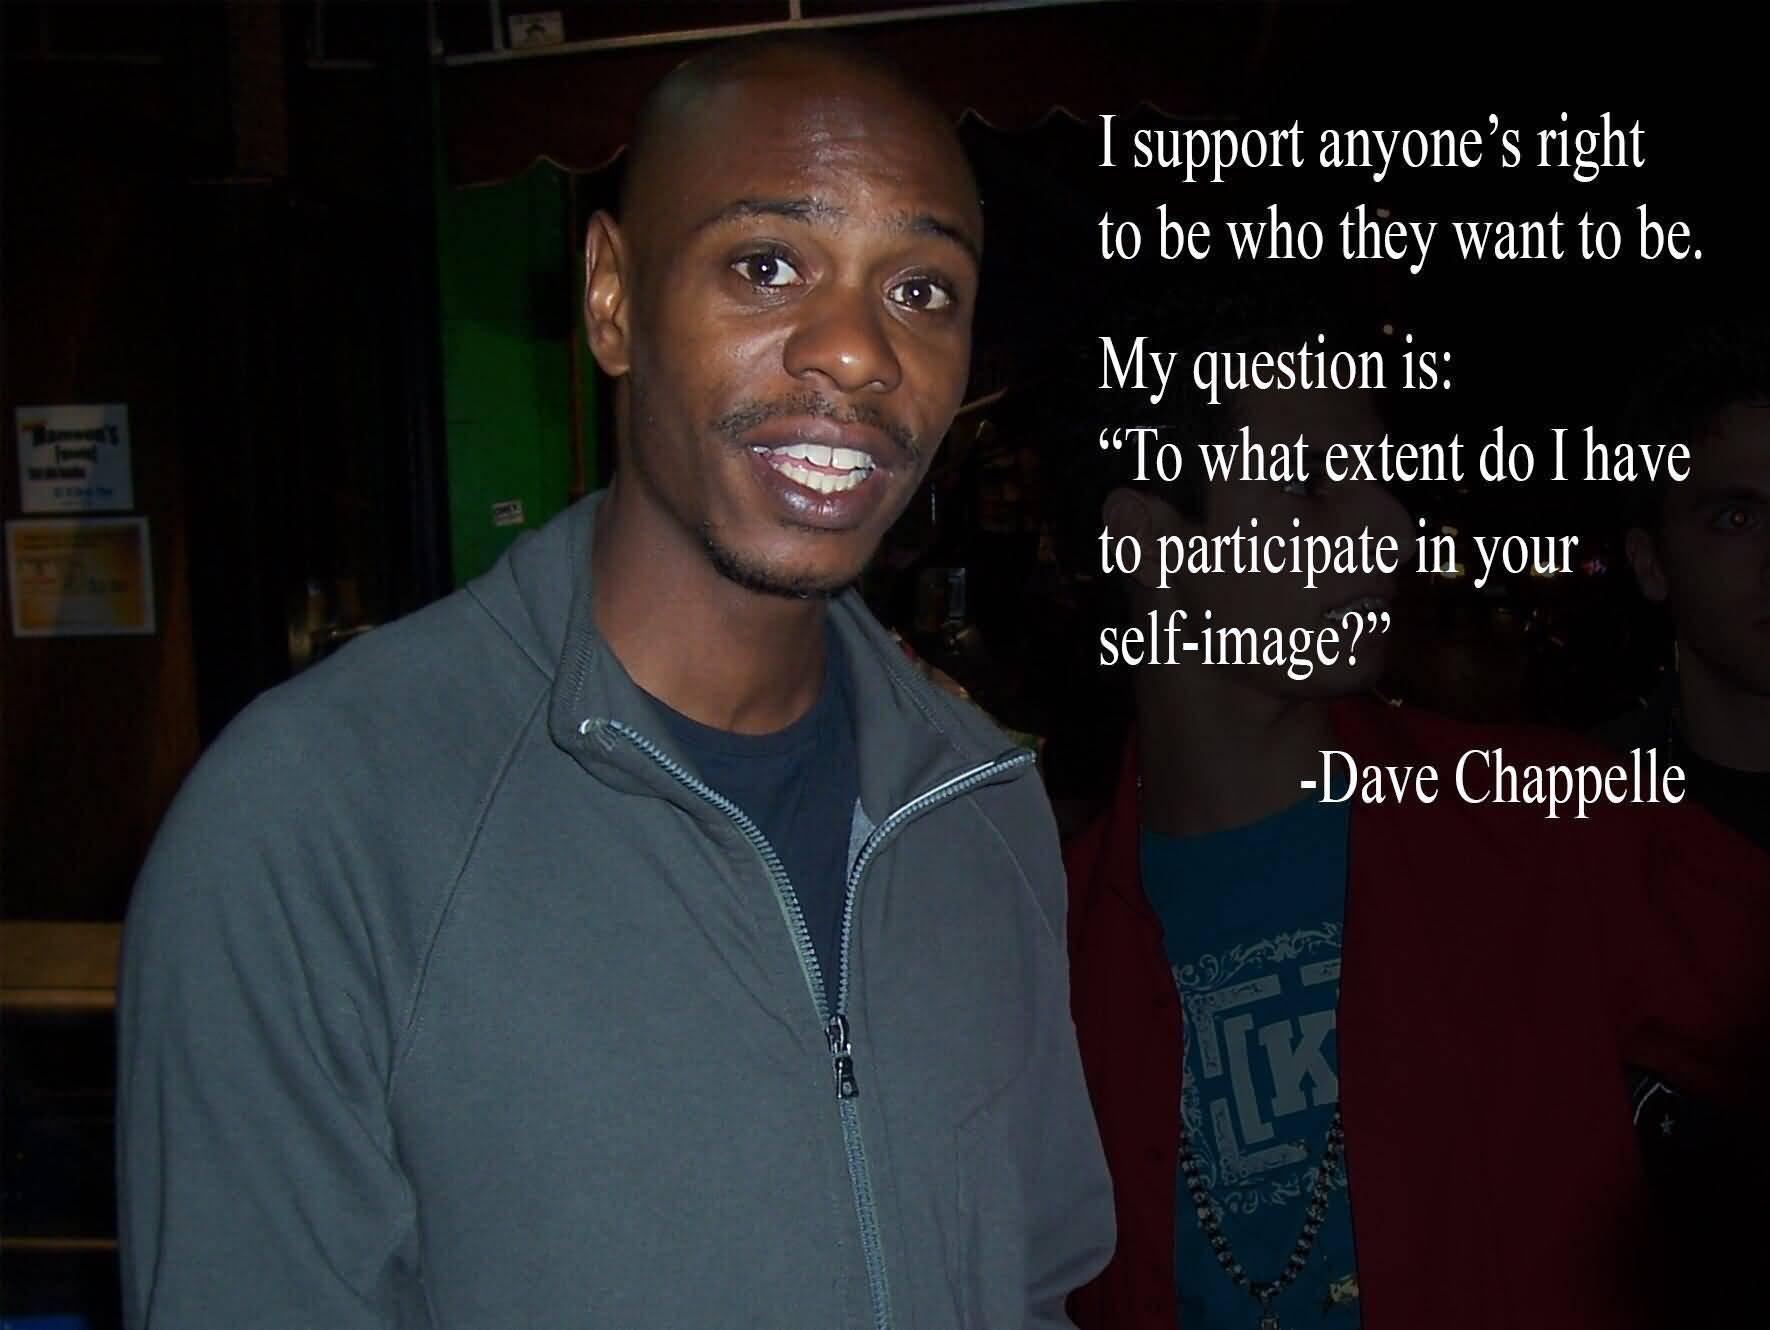 Dave Chappelle Quotes Image Meme 26